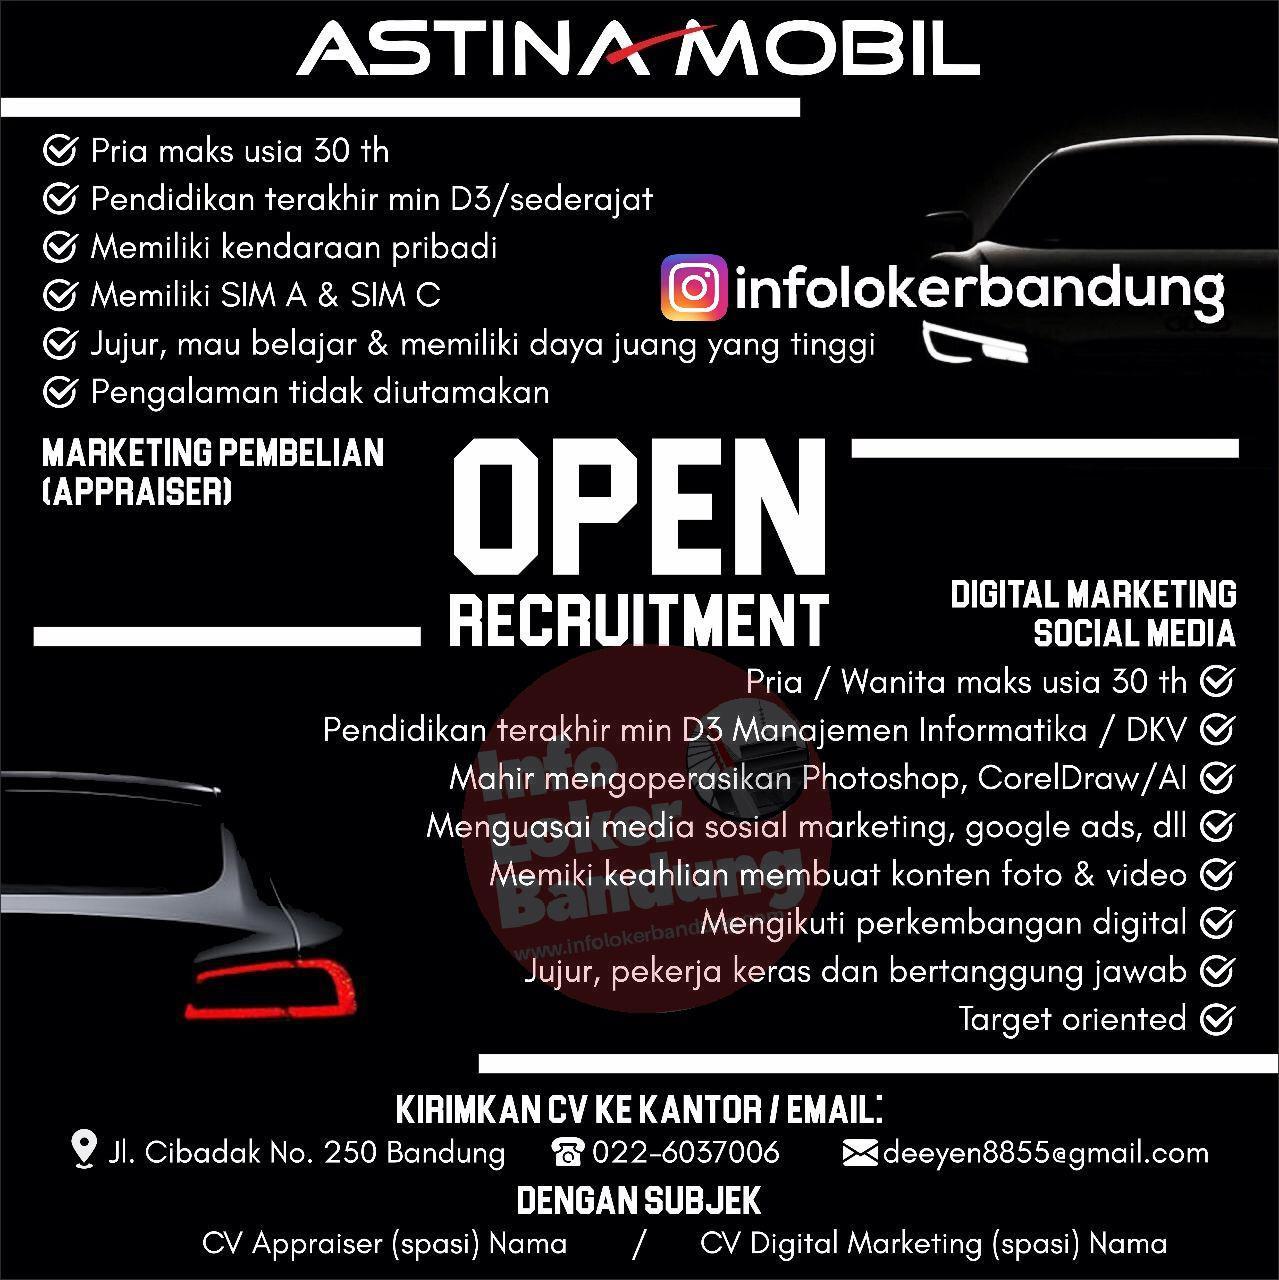 Lowongan Kerja Astina Mobil Bandung Februari 2019